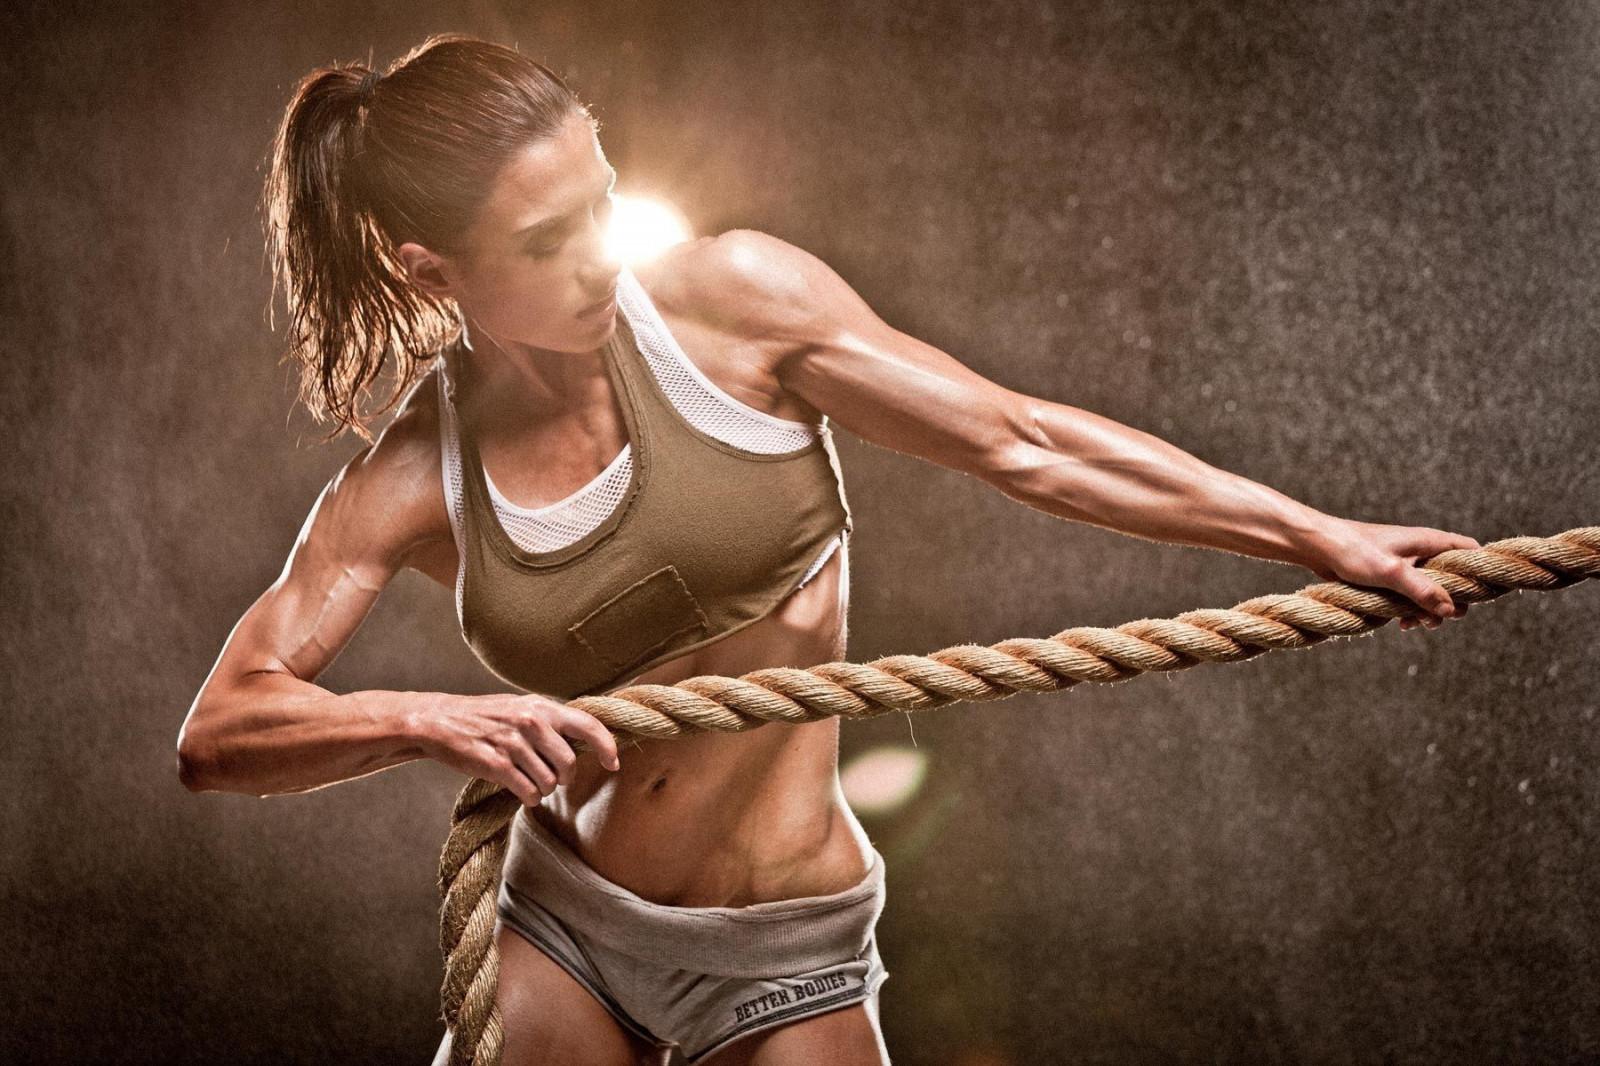 Wallpaper  Women, Skinny, Fitness Model, Exercising -9569